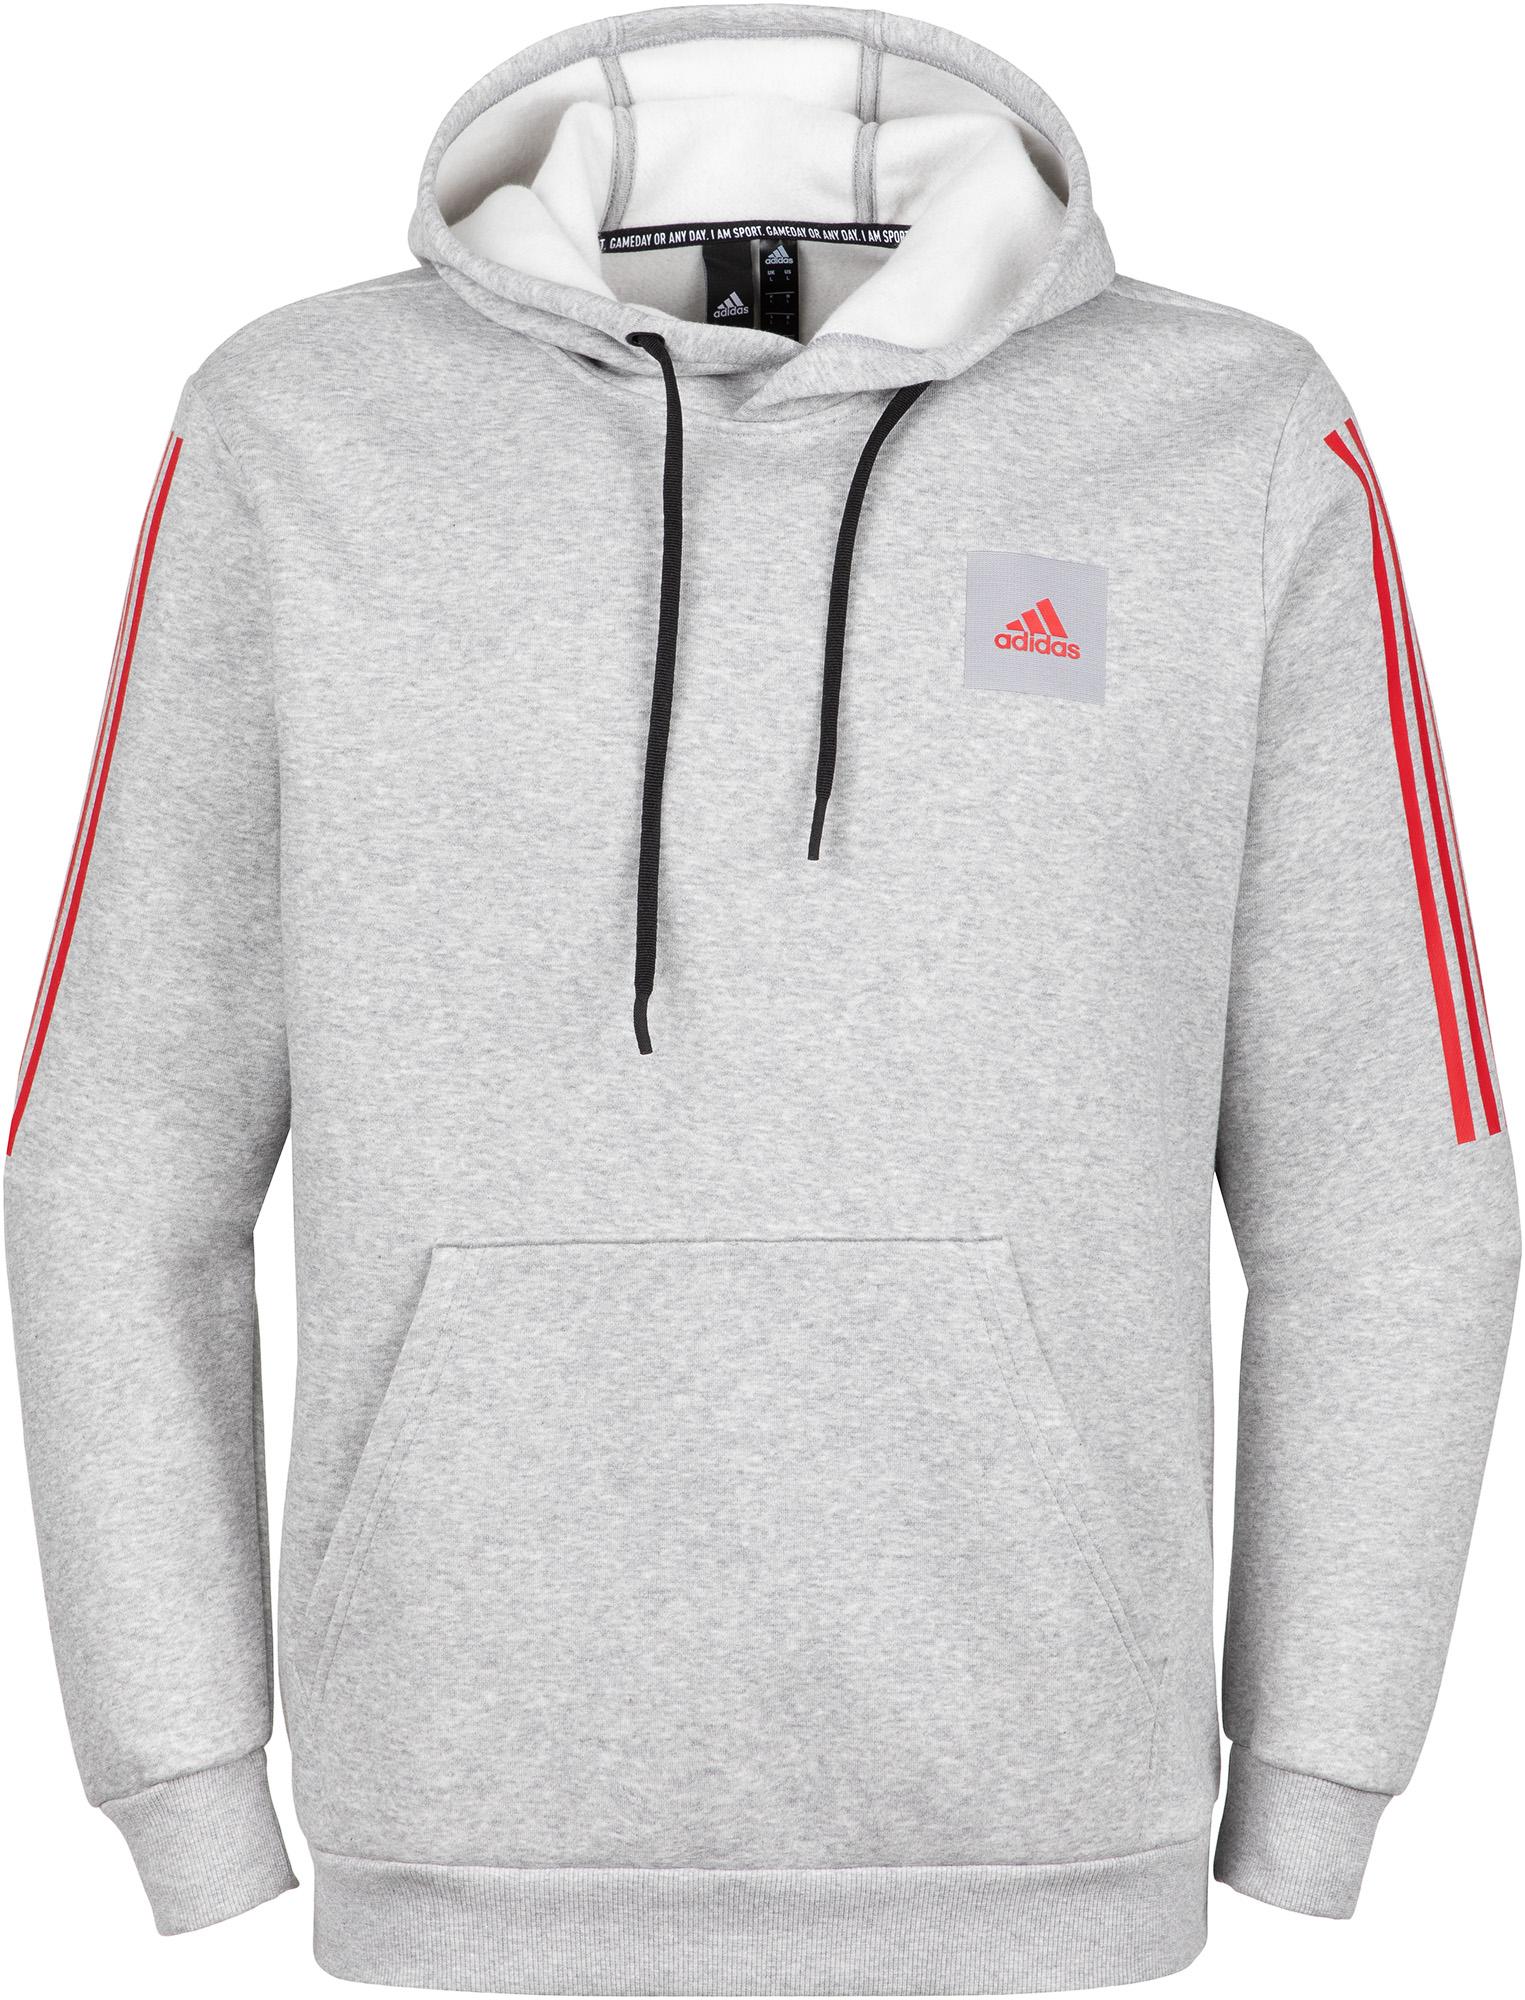 худи женское adidas ess 3s fz hd цвет серый розовый br2438 размер s 42 44 Adidas Худи мужская Adidas, размер 48-50